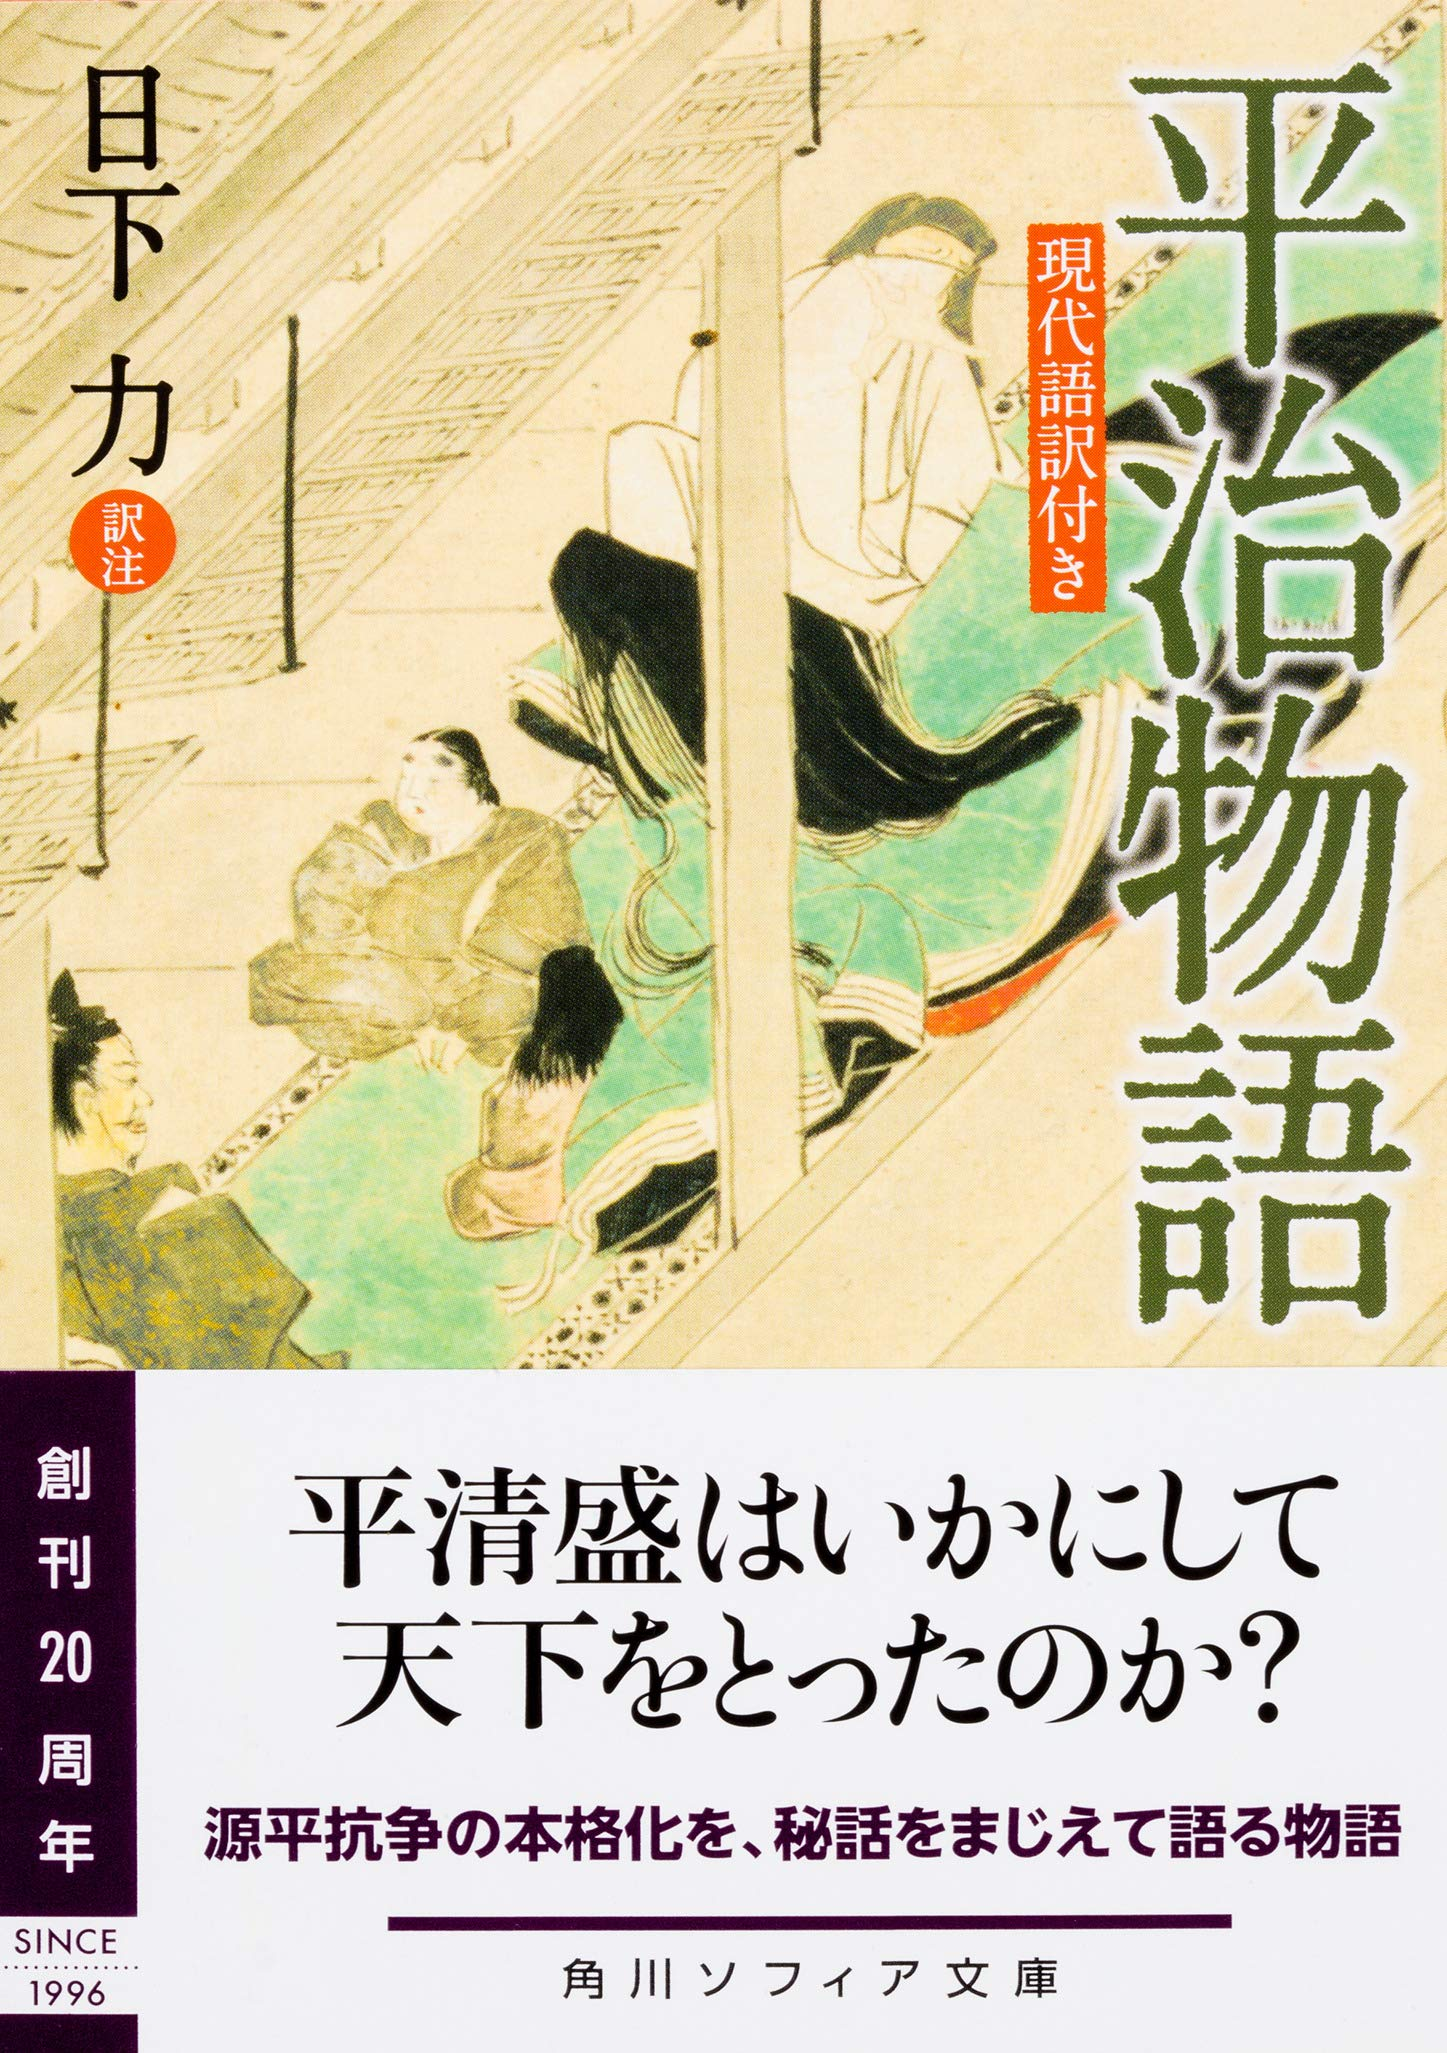 物語 ひ 訳 源氏 語 車 現代 争